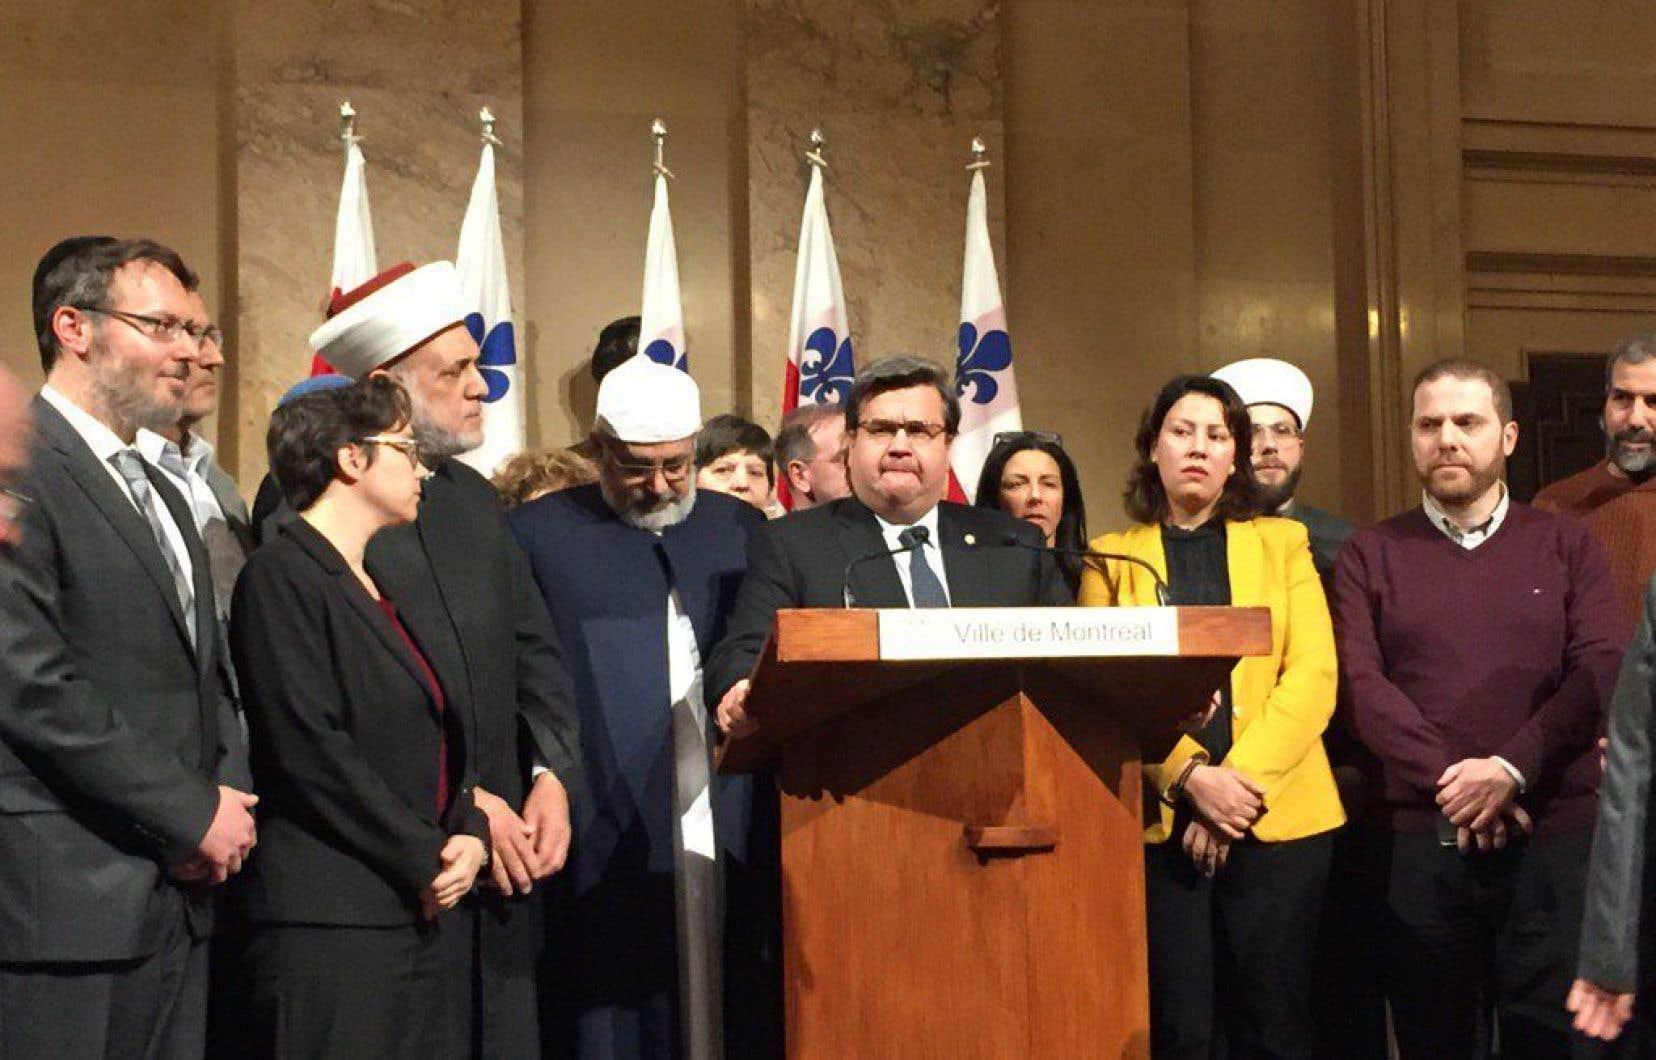 Le maire de Montréal, Denis Coderre, a invité des leaders religieux à une rencontre à l'hôtel de ville de Montréal lundi après-midi.